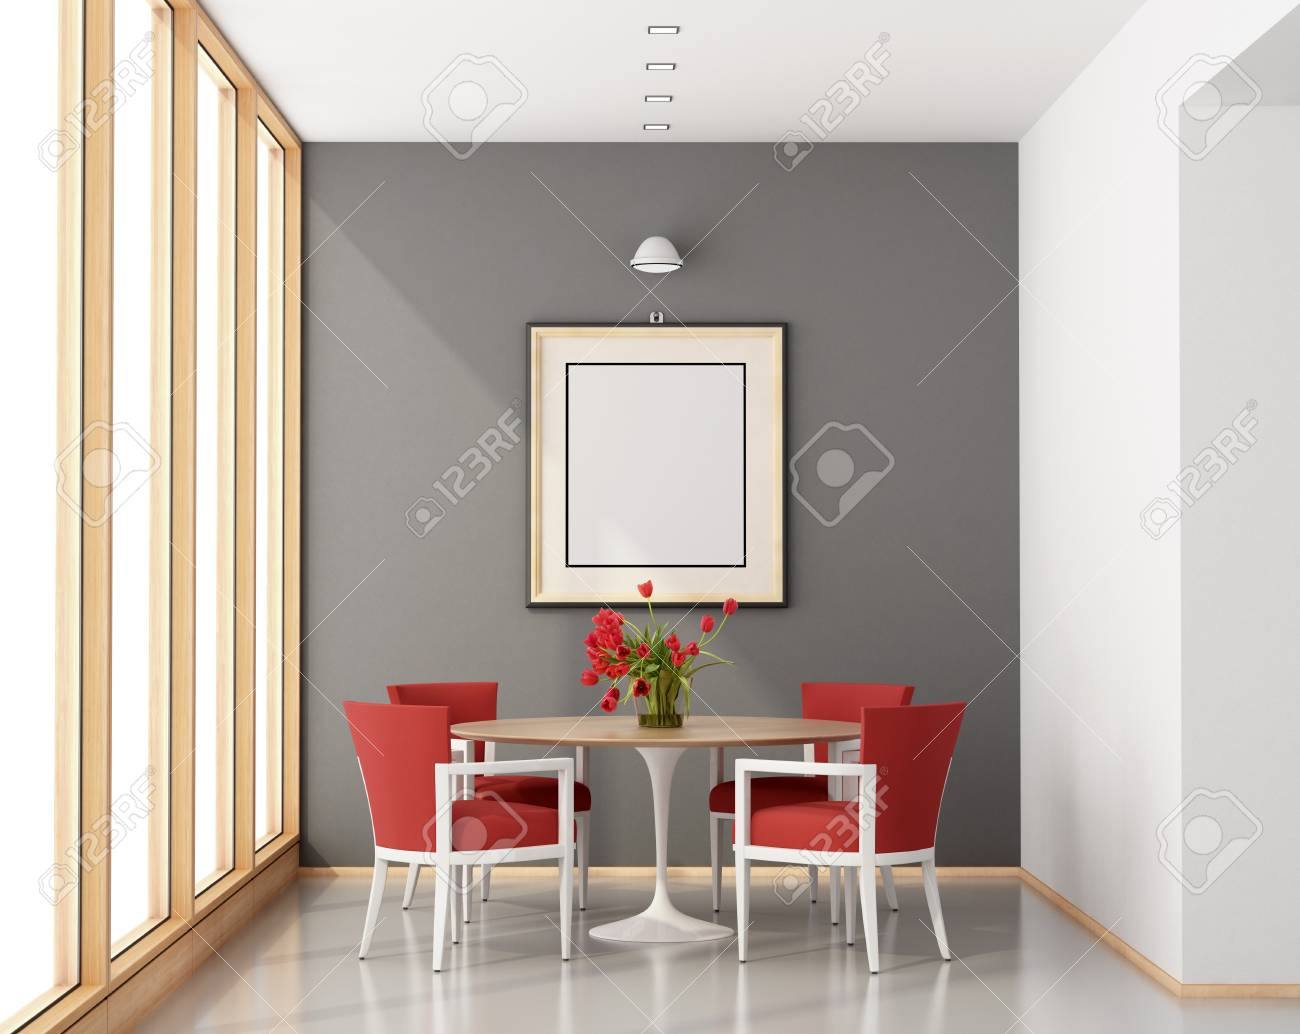 Comedor minimalista con mesa redonda, sillas rojas y ventana grande -  representación 3d